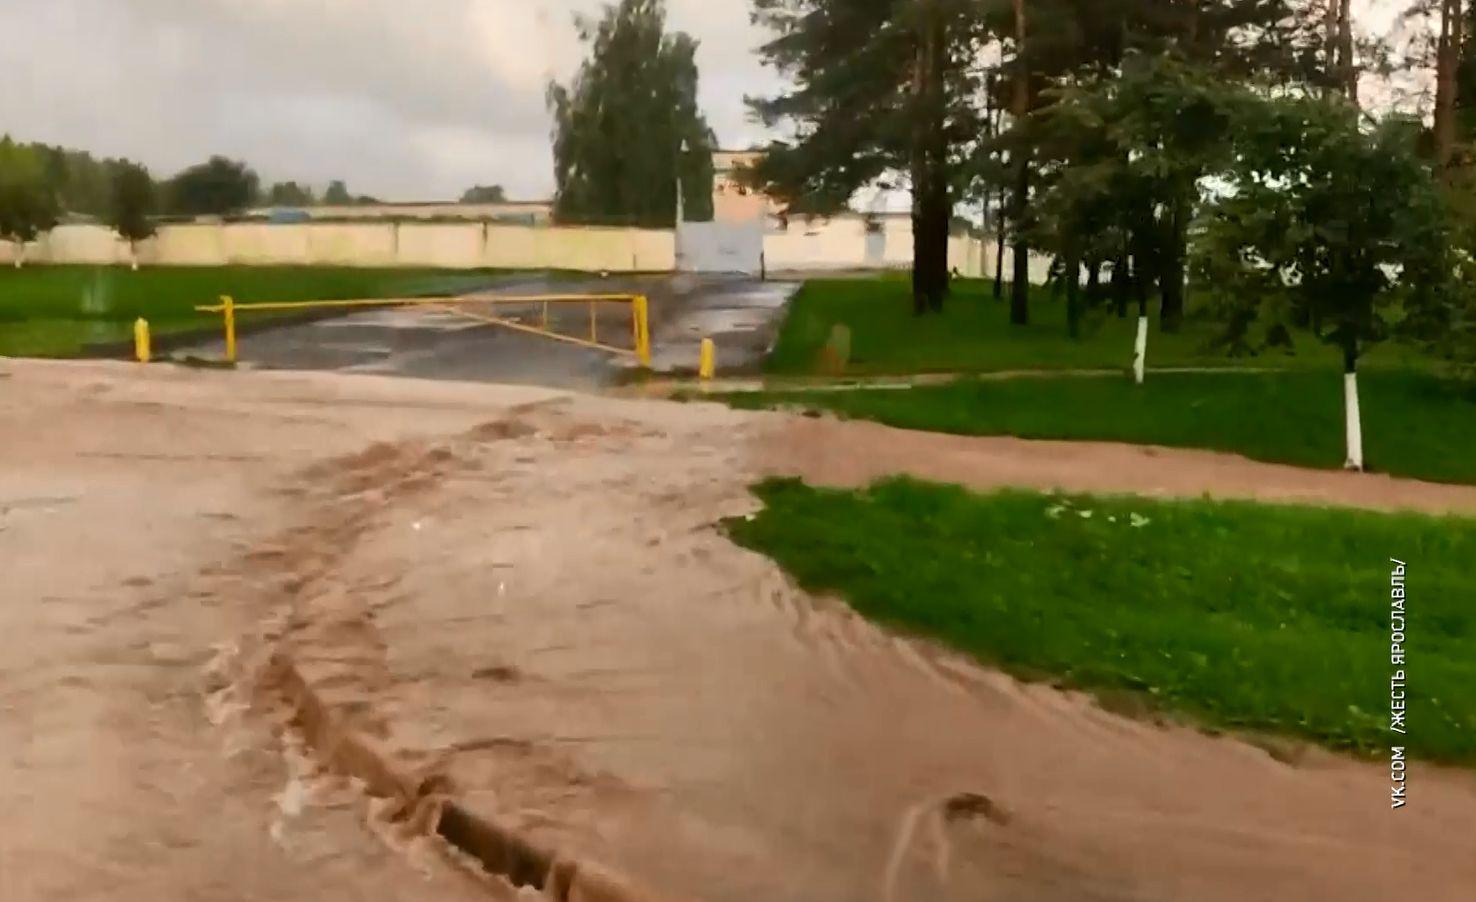 На Московском проспекте Ярославля из-за проливных дождей произошел перелом трубопровода